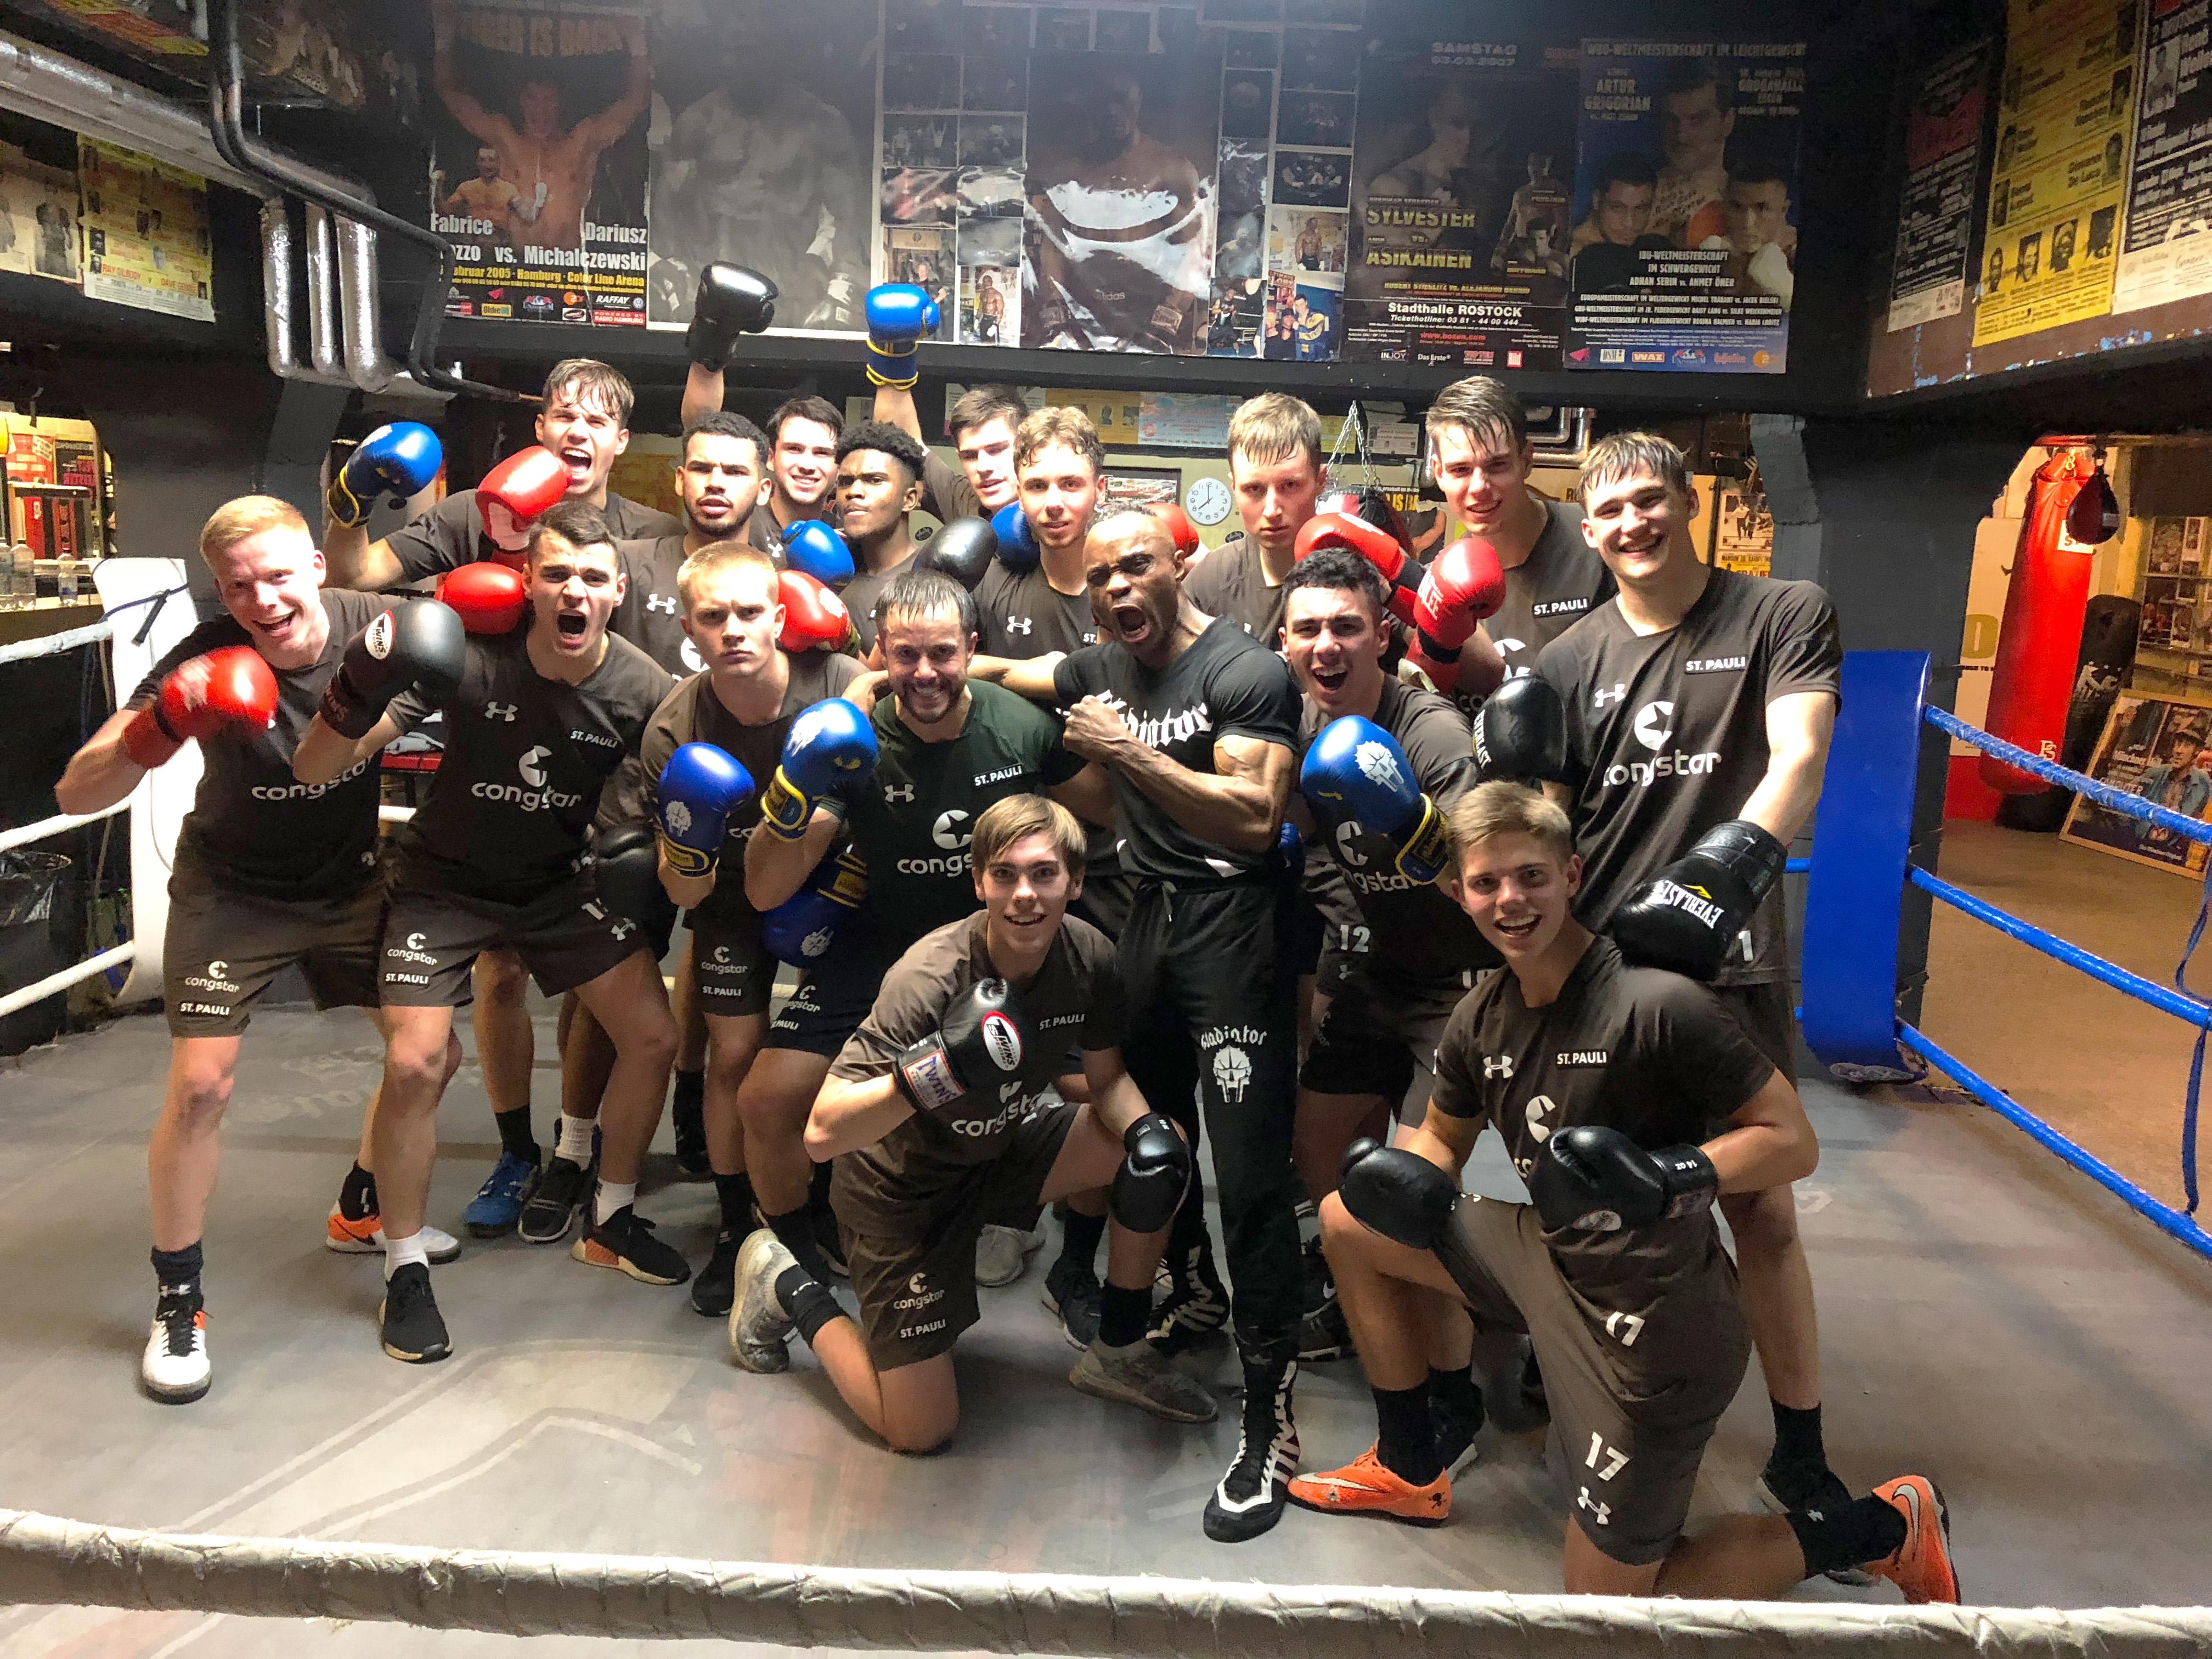 U19 geht über ihre Grenzen – Willensschulung im Boxring